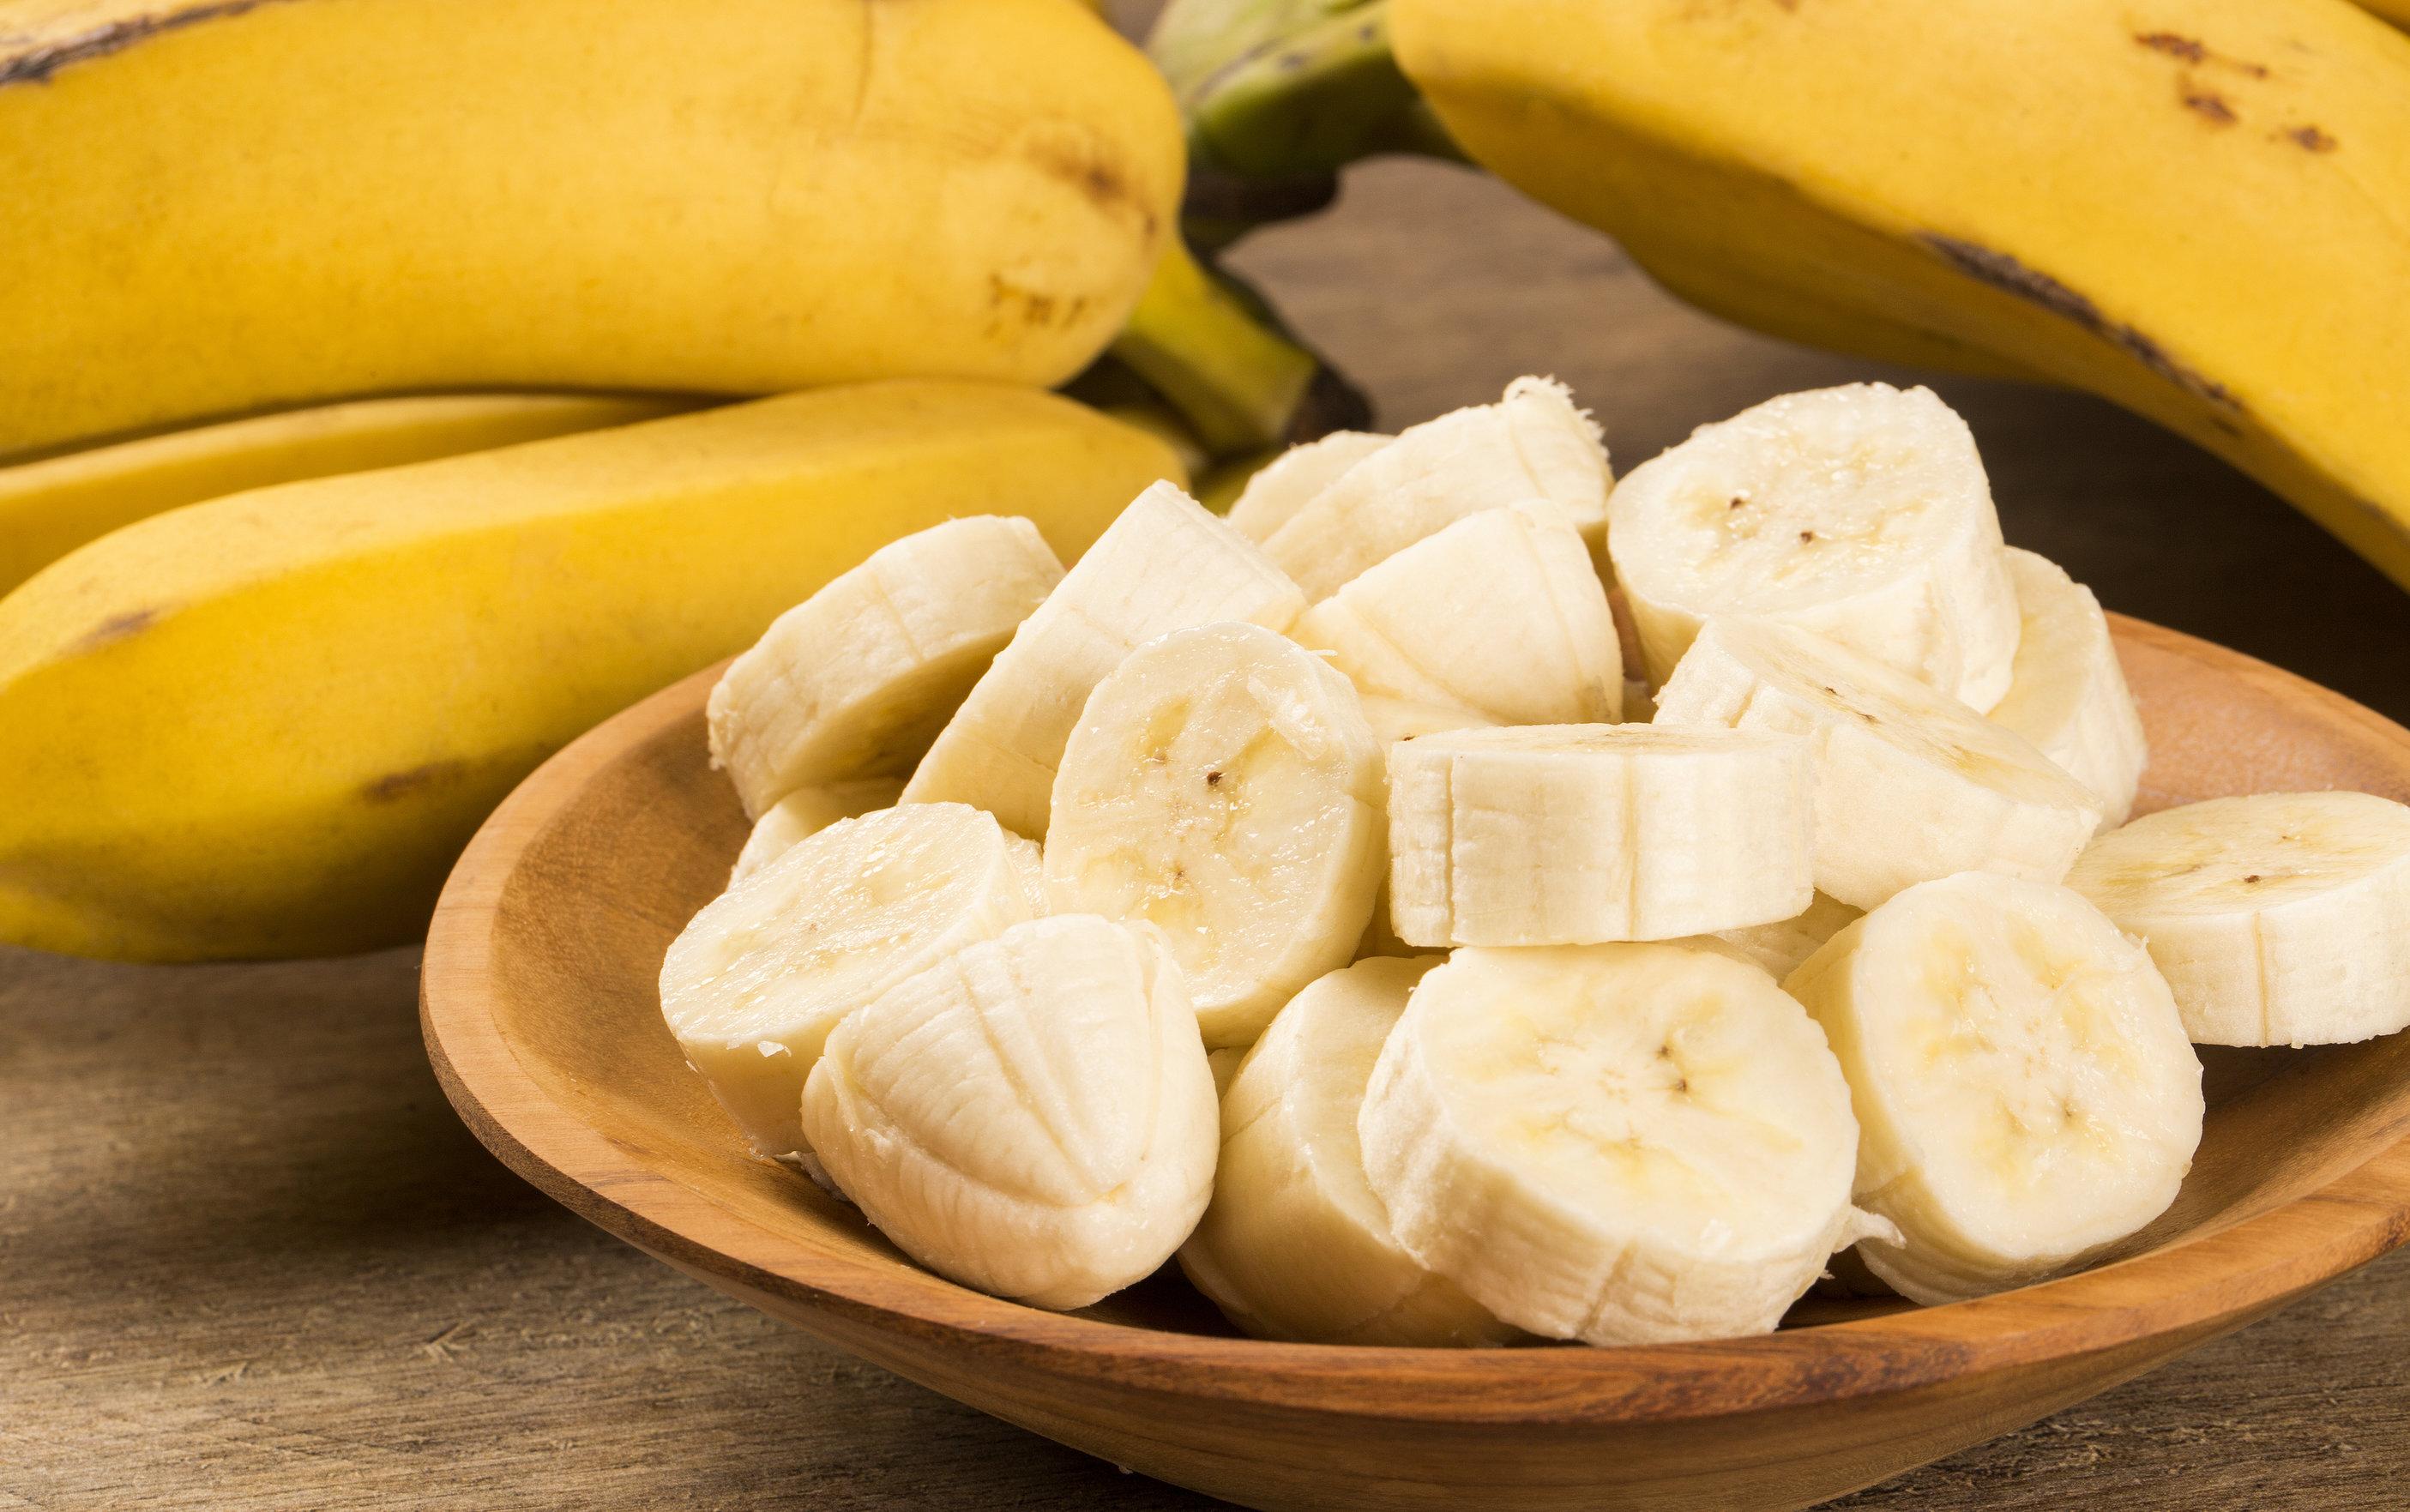 3. Banana